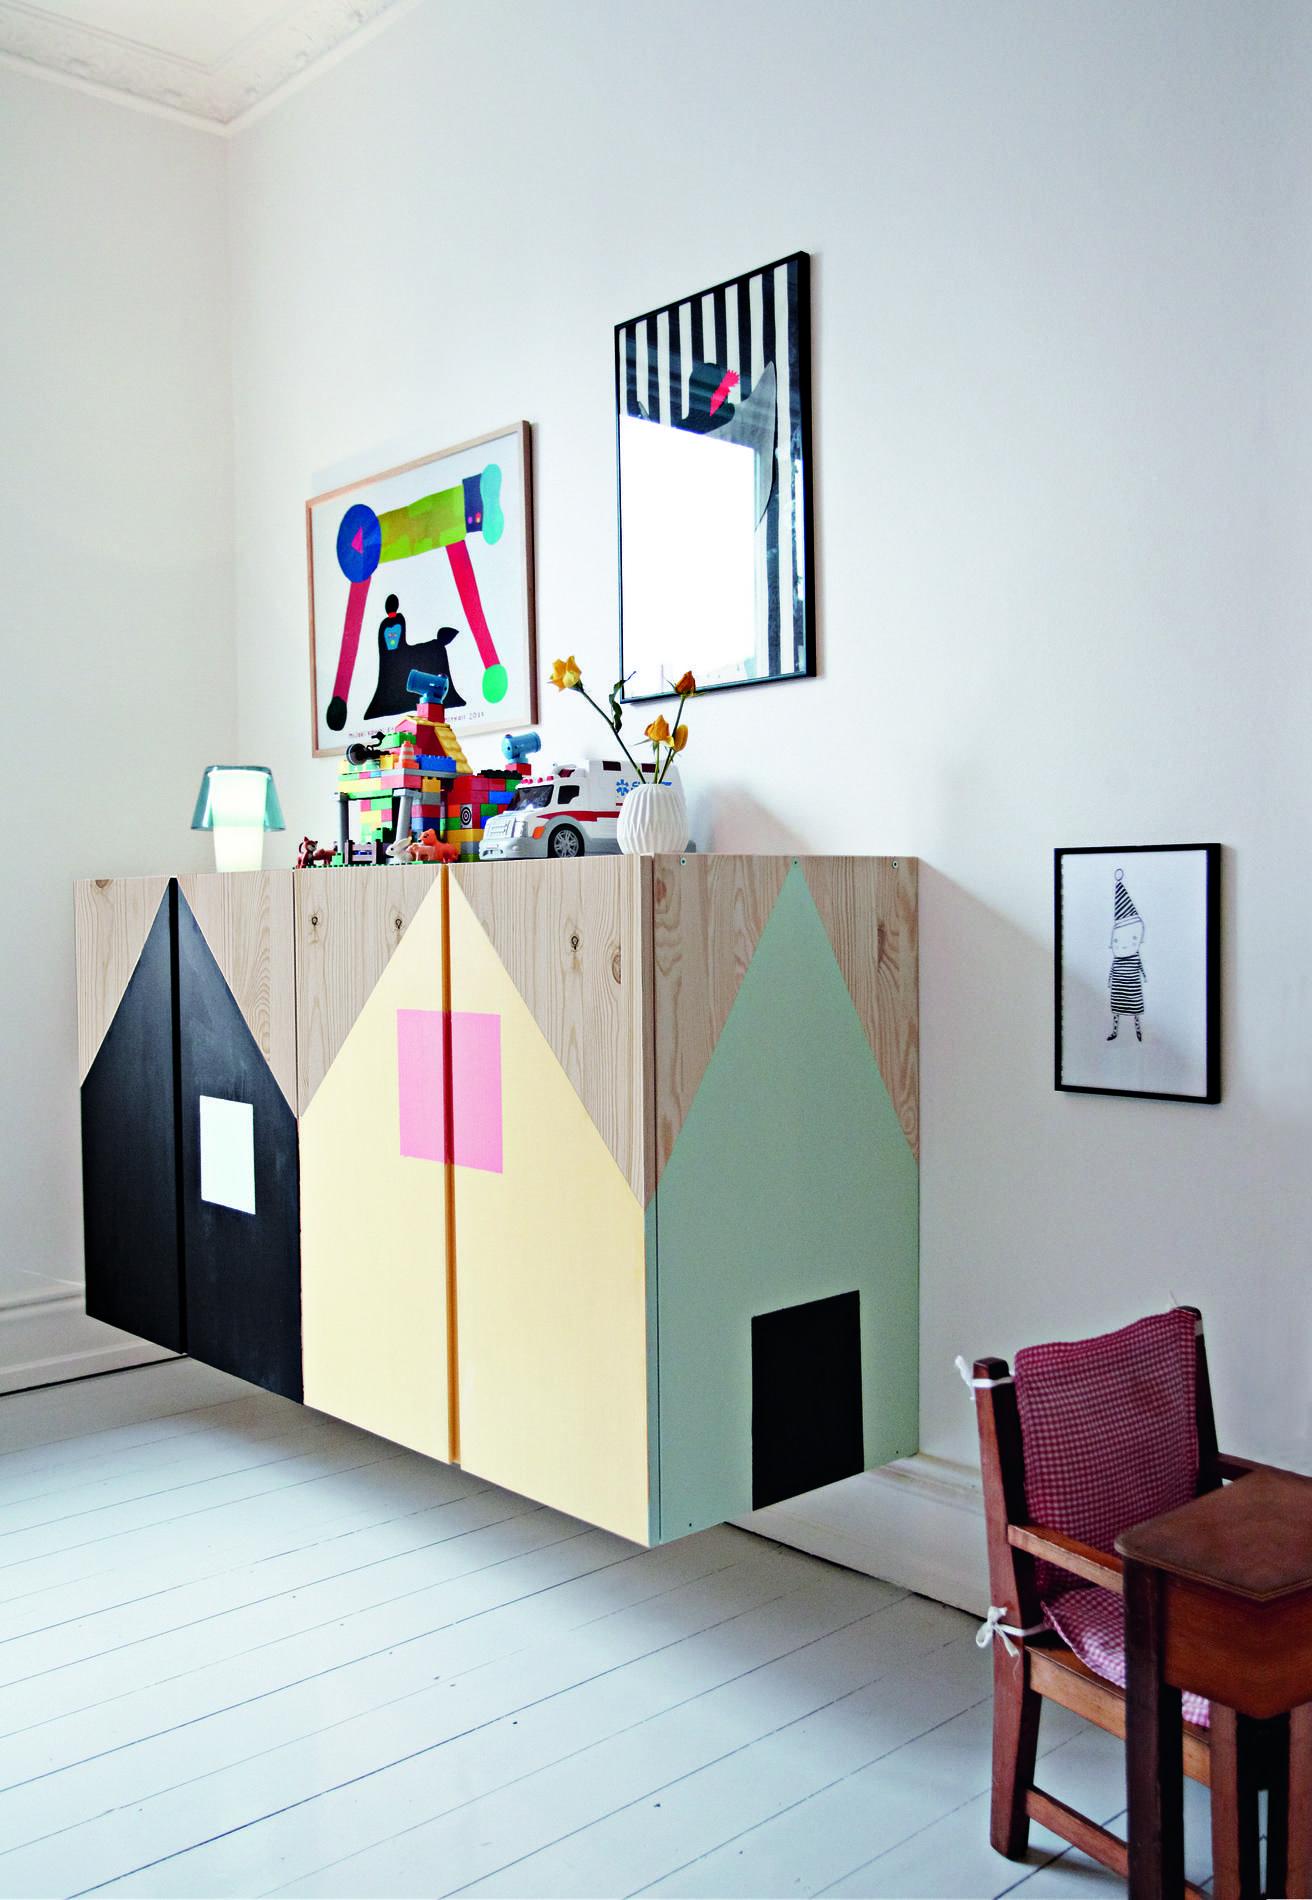 Les 30 meilleurs d tournements de meubles ikea kids chambre enfant mobilier de salon et ikea - Ikea meuble chambre enfant ...